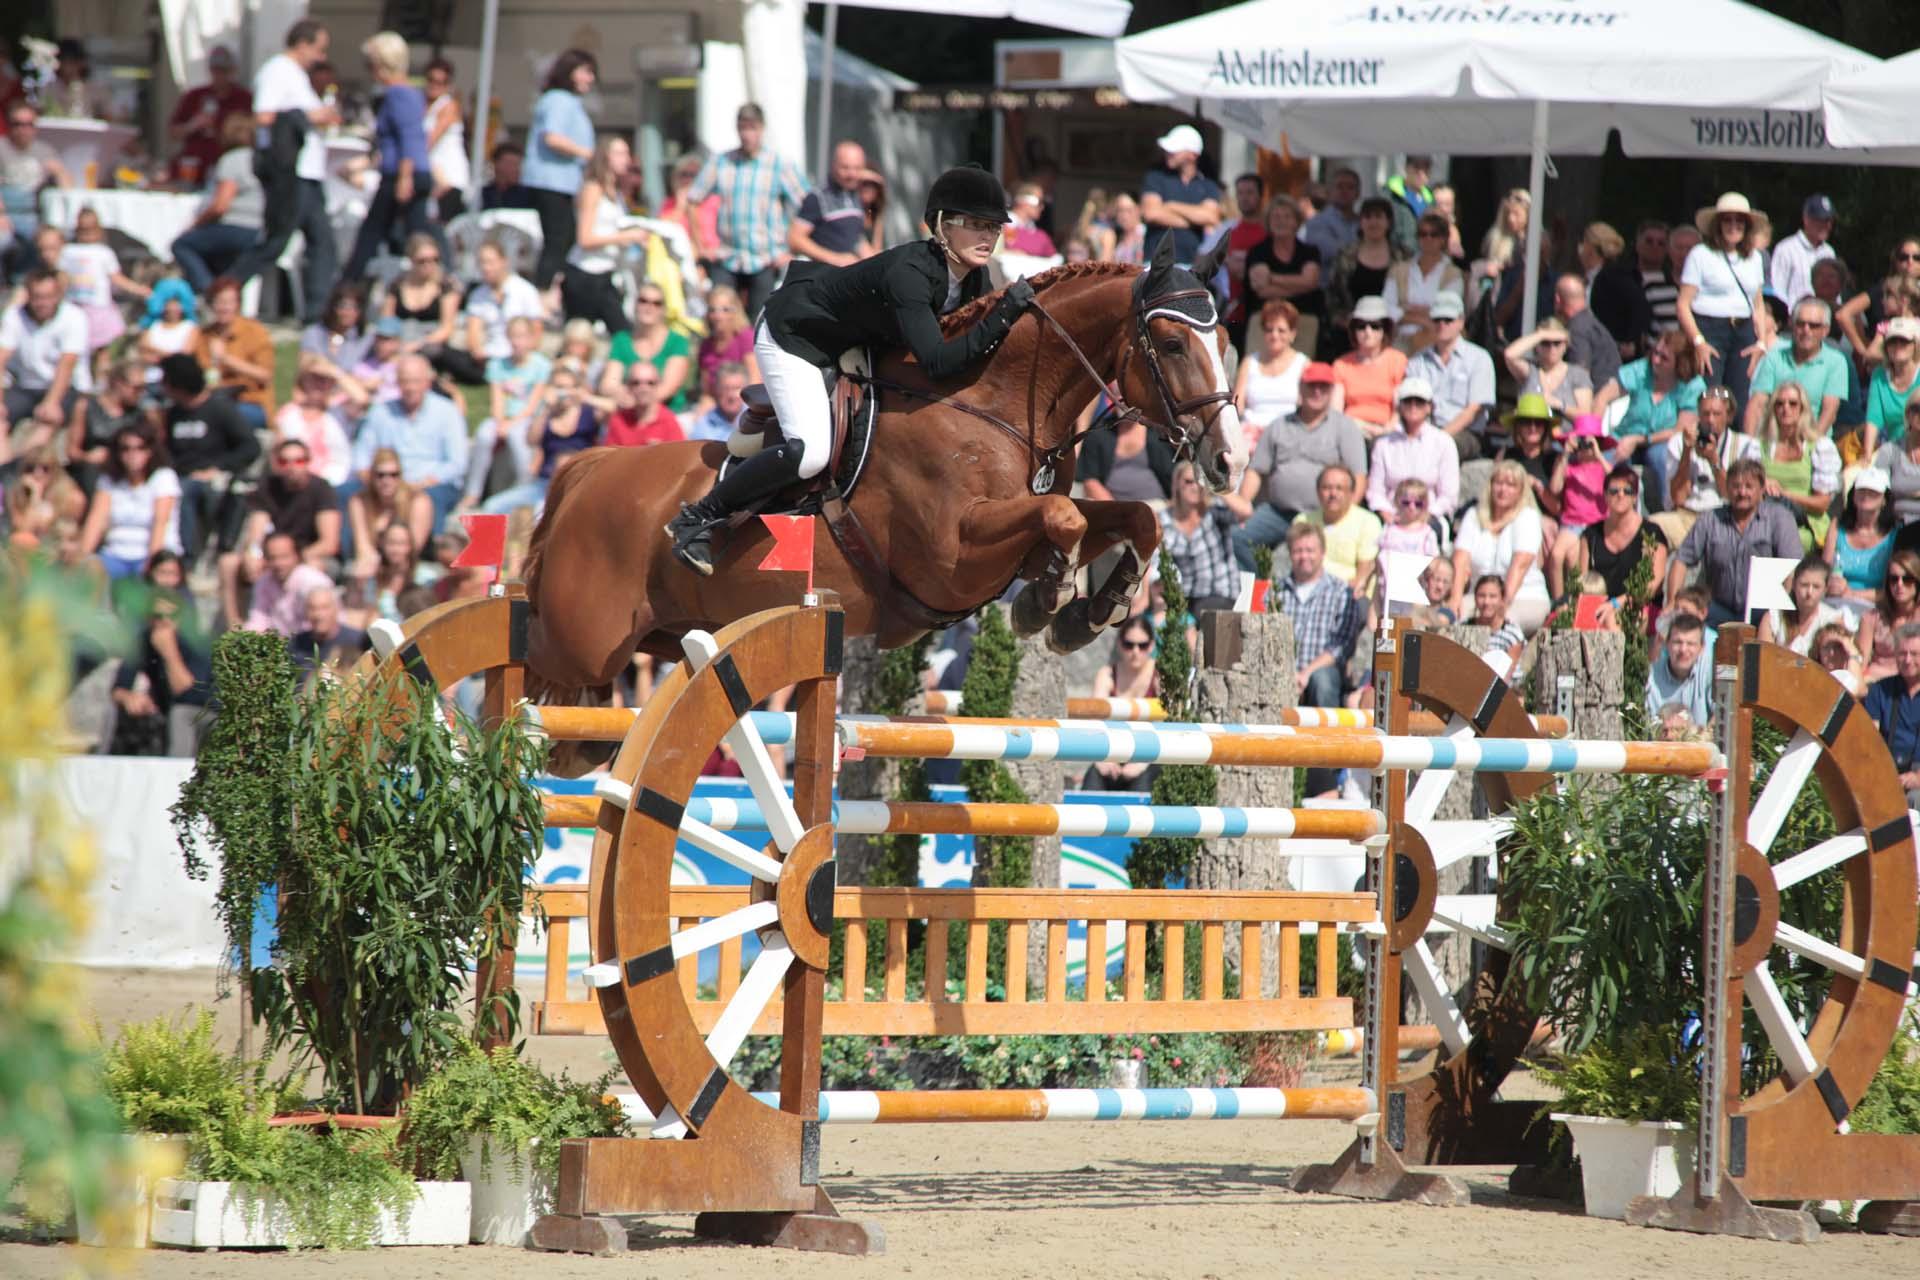 Chiemsee Pferdefestival auf Gut Ising